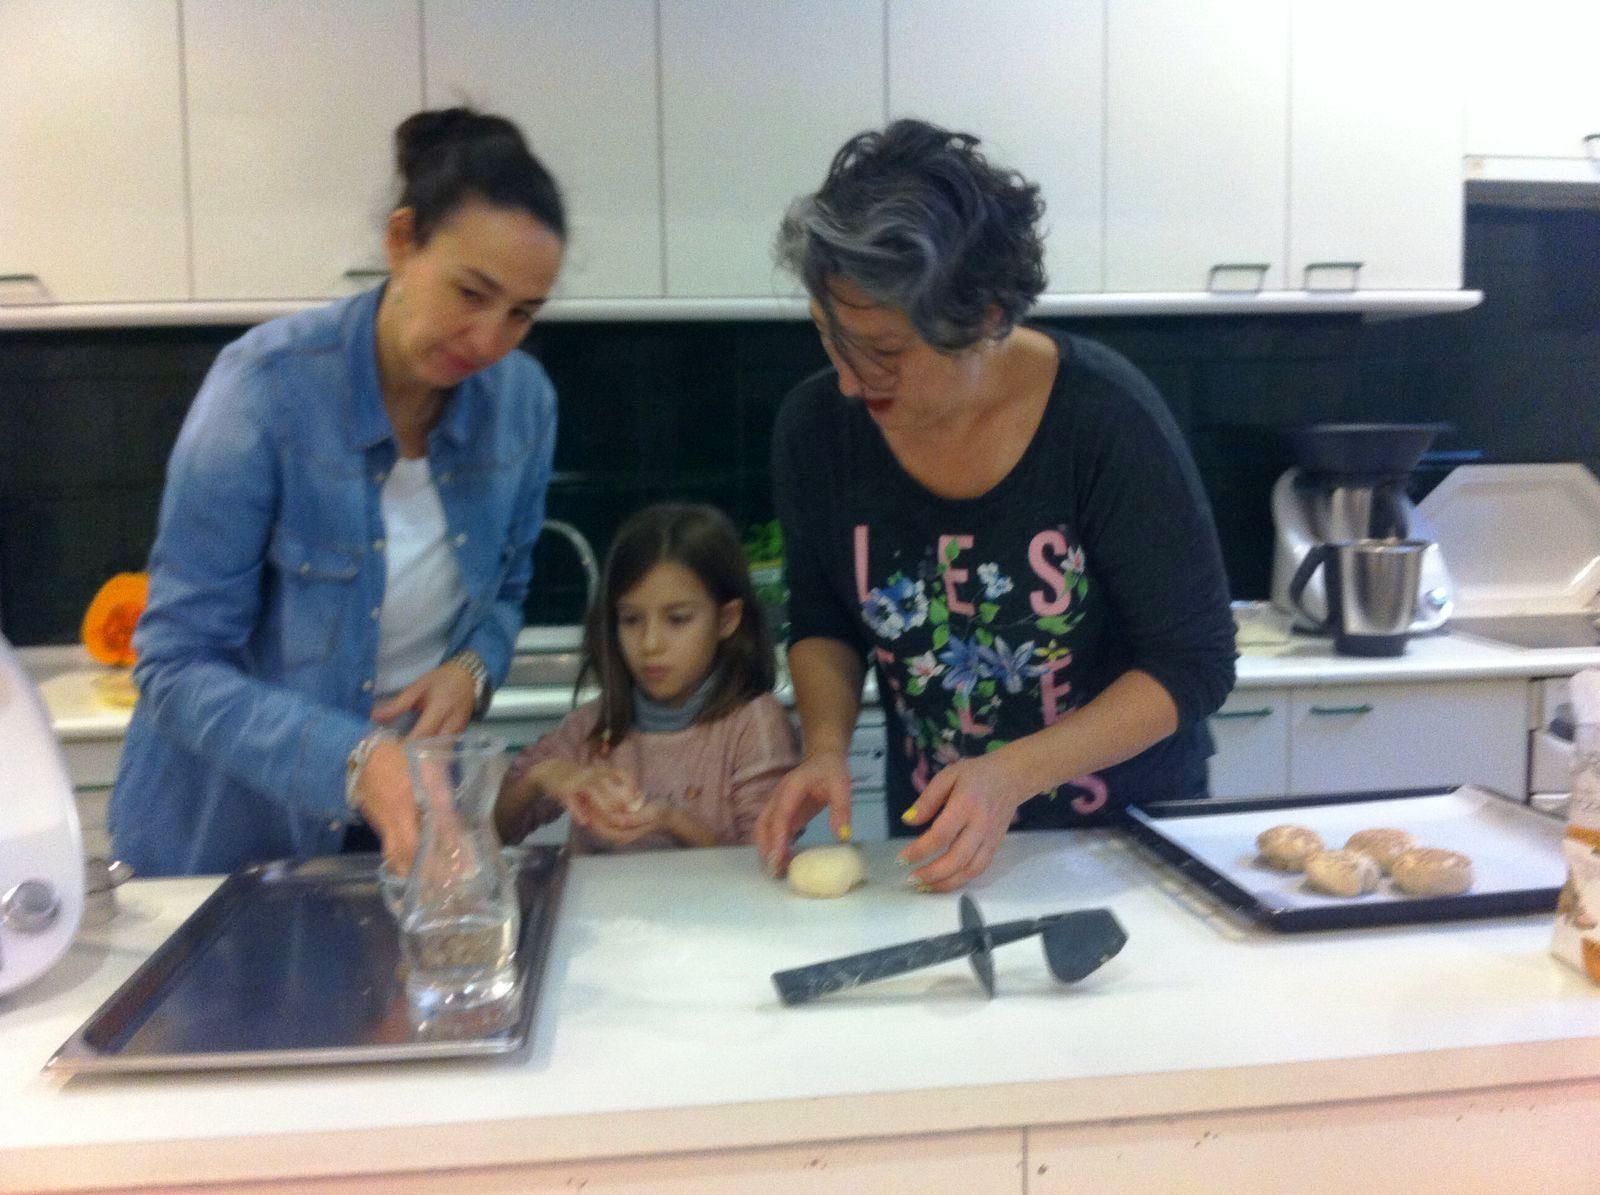 Atelier de cuisine Française à l'Agence Thermomix® de La Corogne - Curso de Cocina Francesa en A Coruña